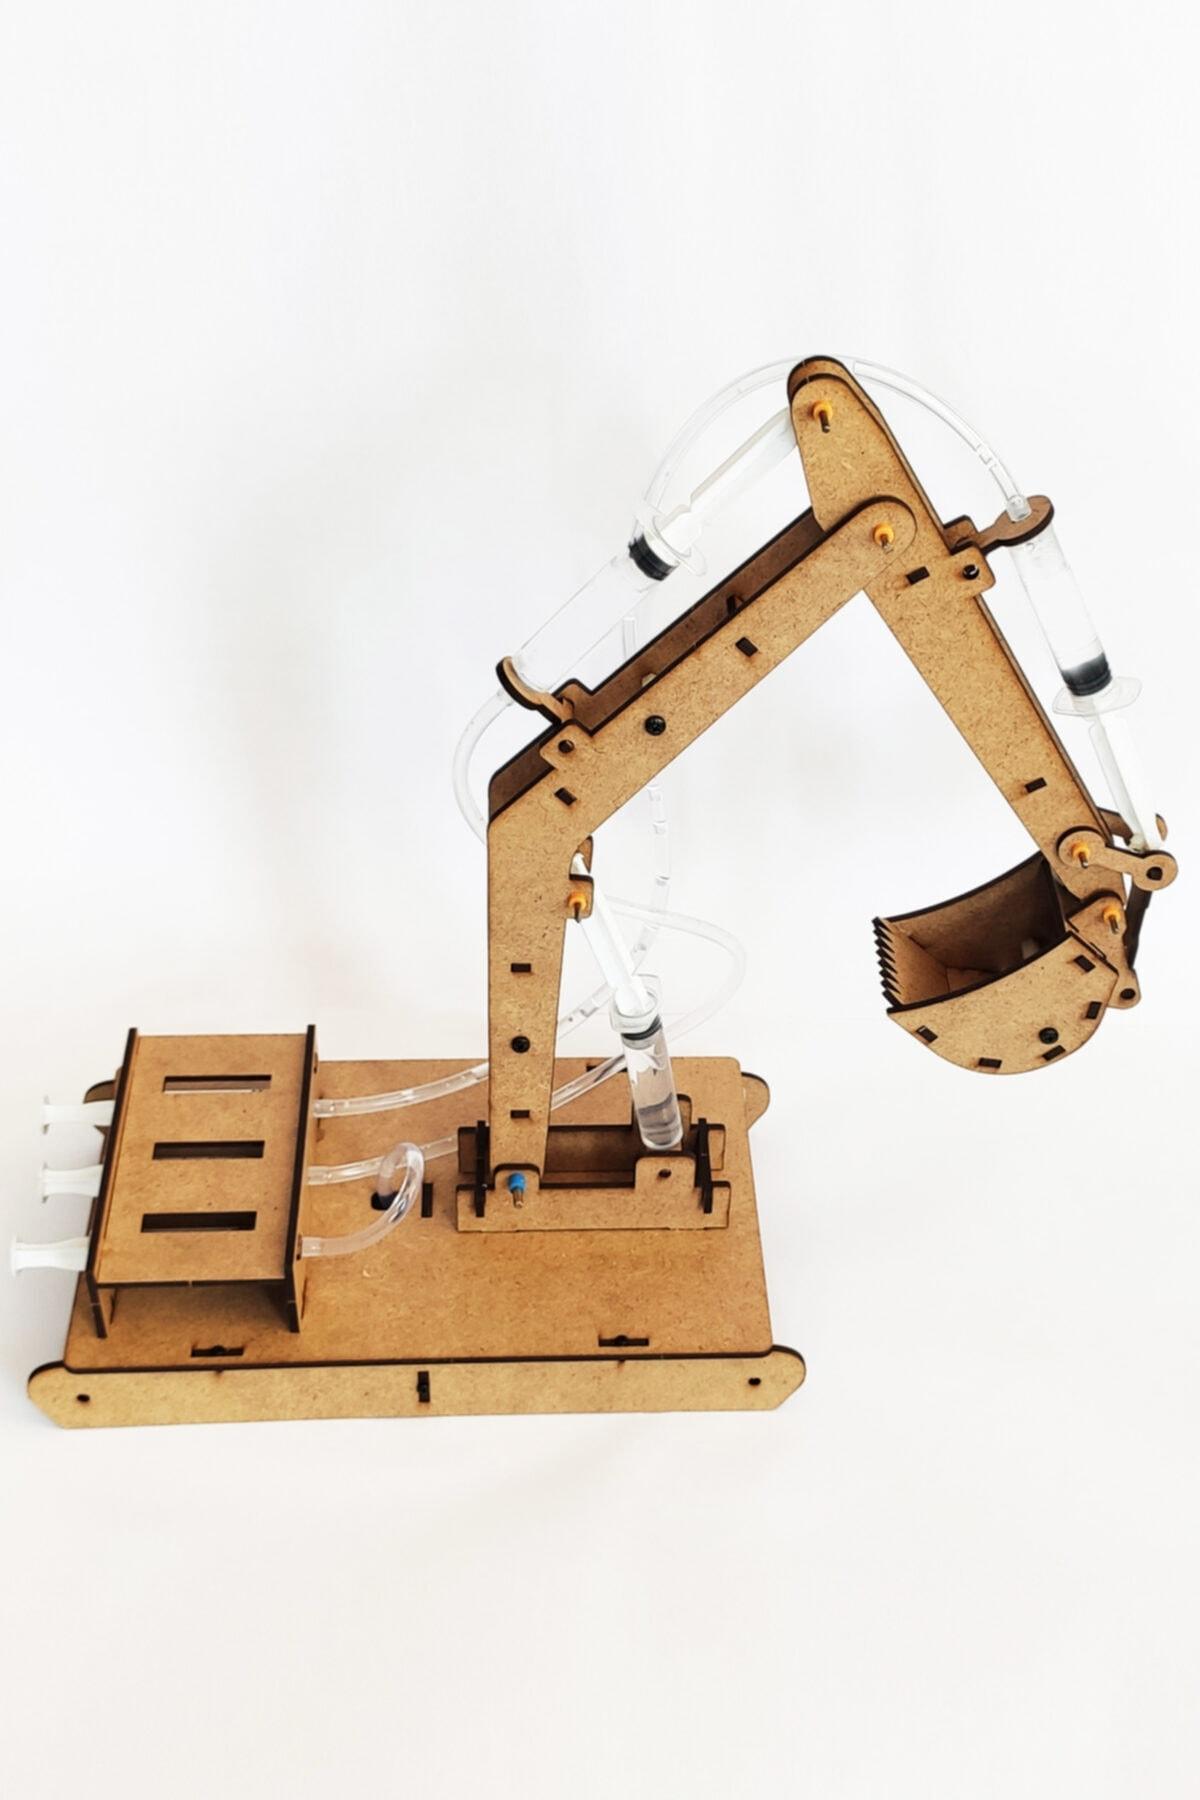 robotikşeyler Kendin Yap Ekskavatör Kepçe Seti - Çocuklar Için Robotik Kodlama Setleri 2